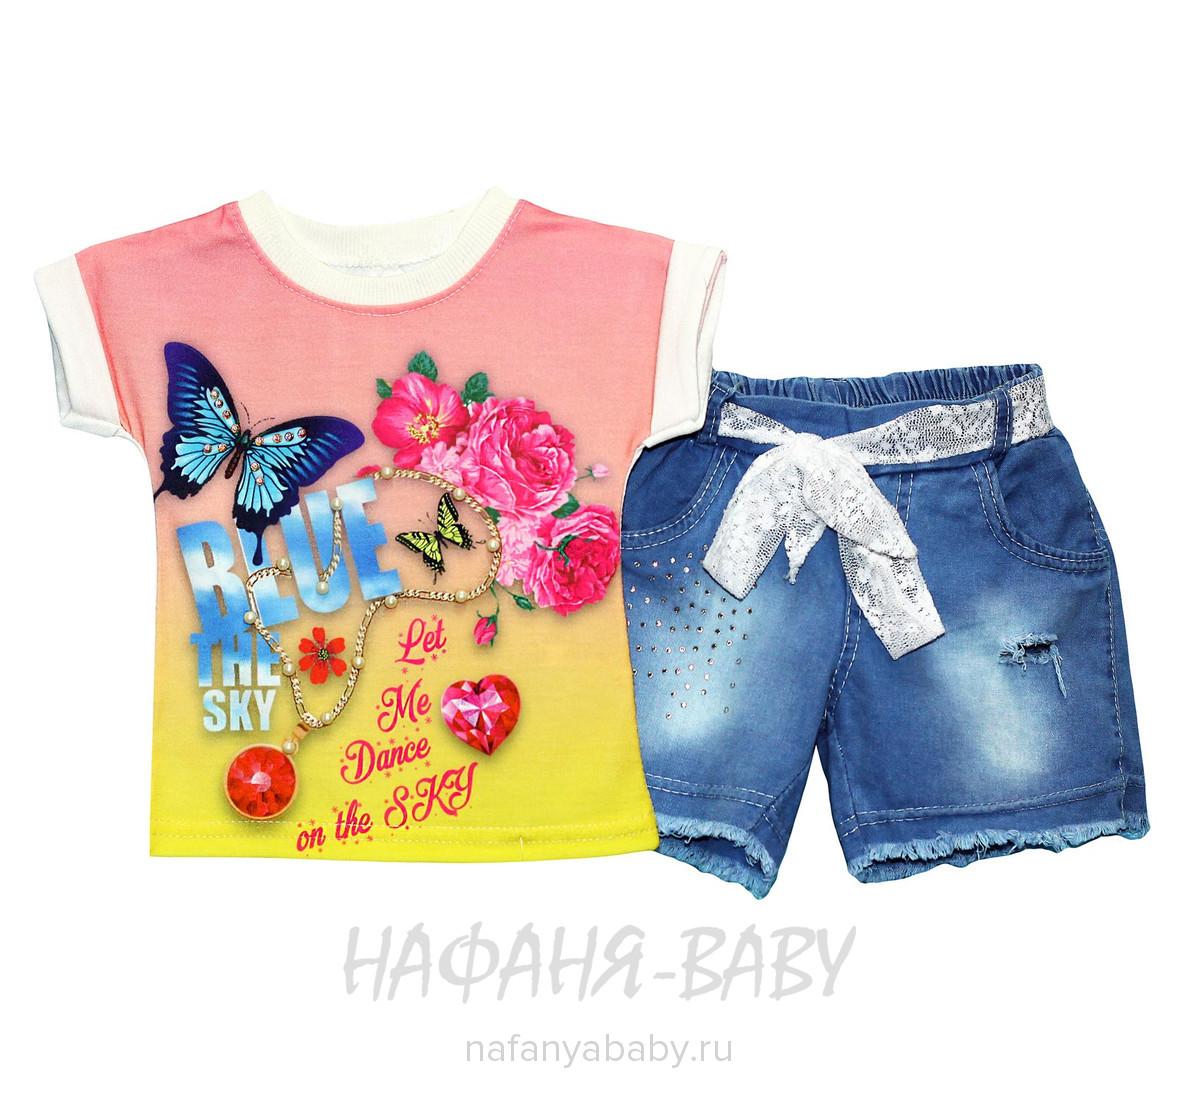 Детский костюм (футболка+джинсовые шорты) OYKUM арт: 1605, 1-4 года, 0-12 мес, оптом Турция